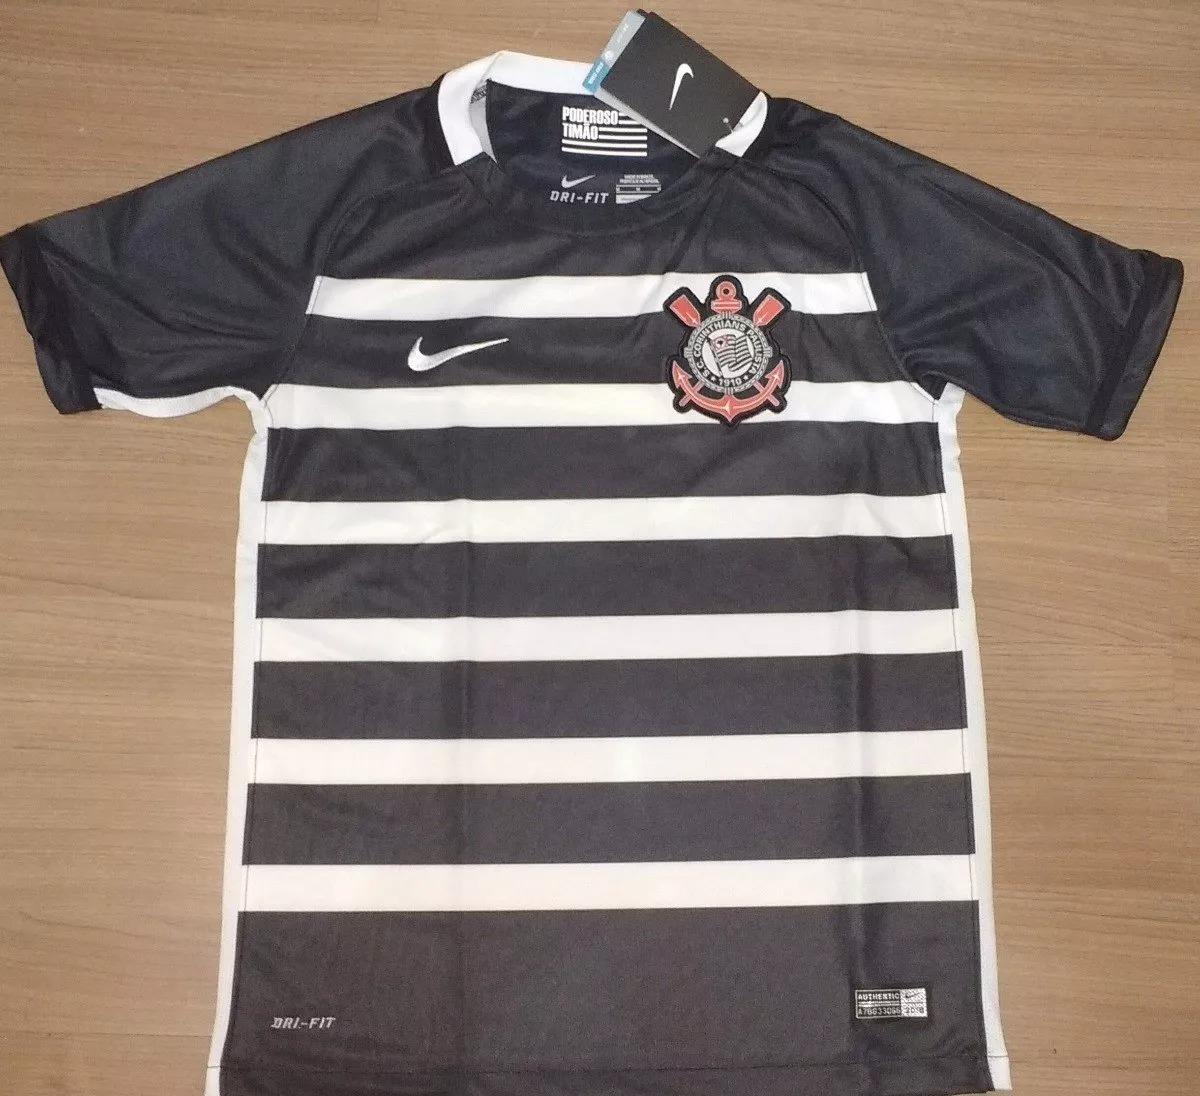 601b9559f1 camisa feminina corinthians listrada 100% original nike. Carregando zoom.